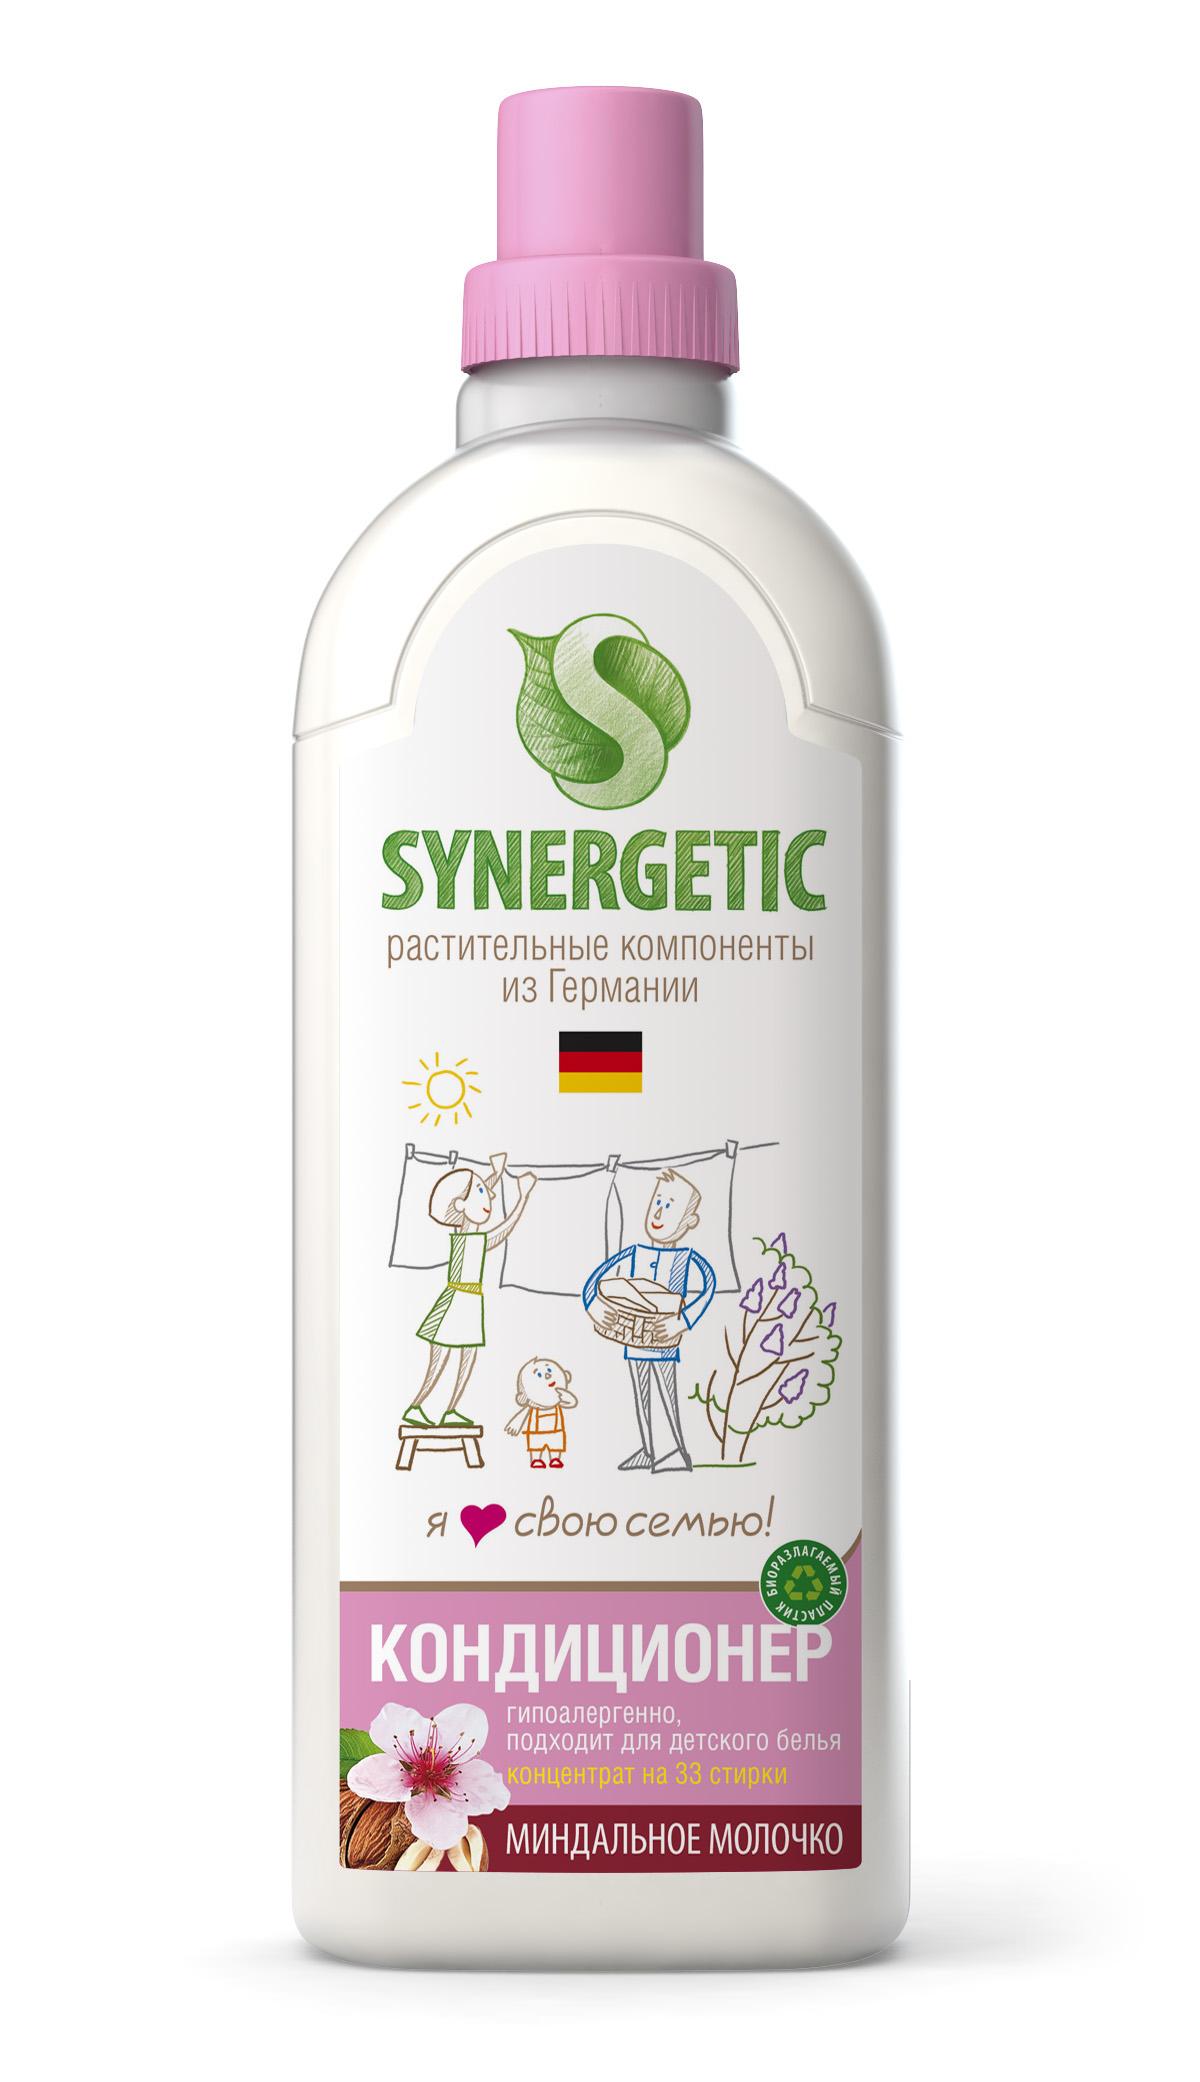 Кондиционер для белья Synergetic Миндальное молочко, концентрат, 1 лSNG-110101Высококонцентрированное профессиональное средство Synergetic Миндальное молочко имеет натуральный состав и обладает 100% смываемостью (не остается на одежде). Подходит для стирки детского белья, темного, цветного, деликатных тканей, шерсти, шелка, джинсовых тканей.Товар сертифицирован.